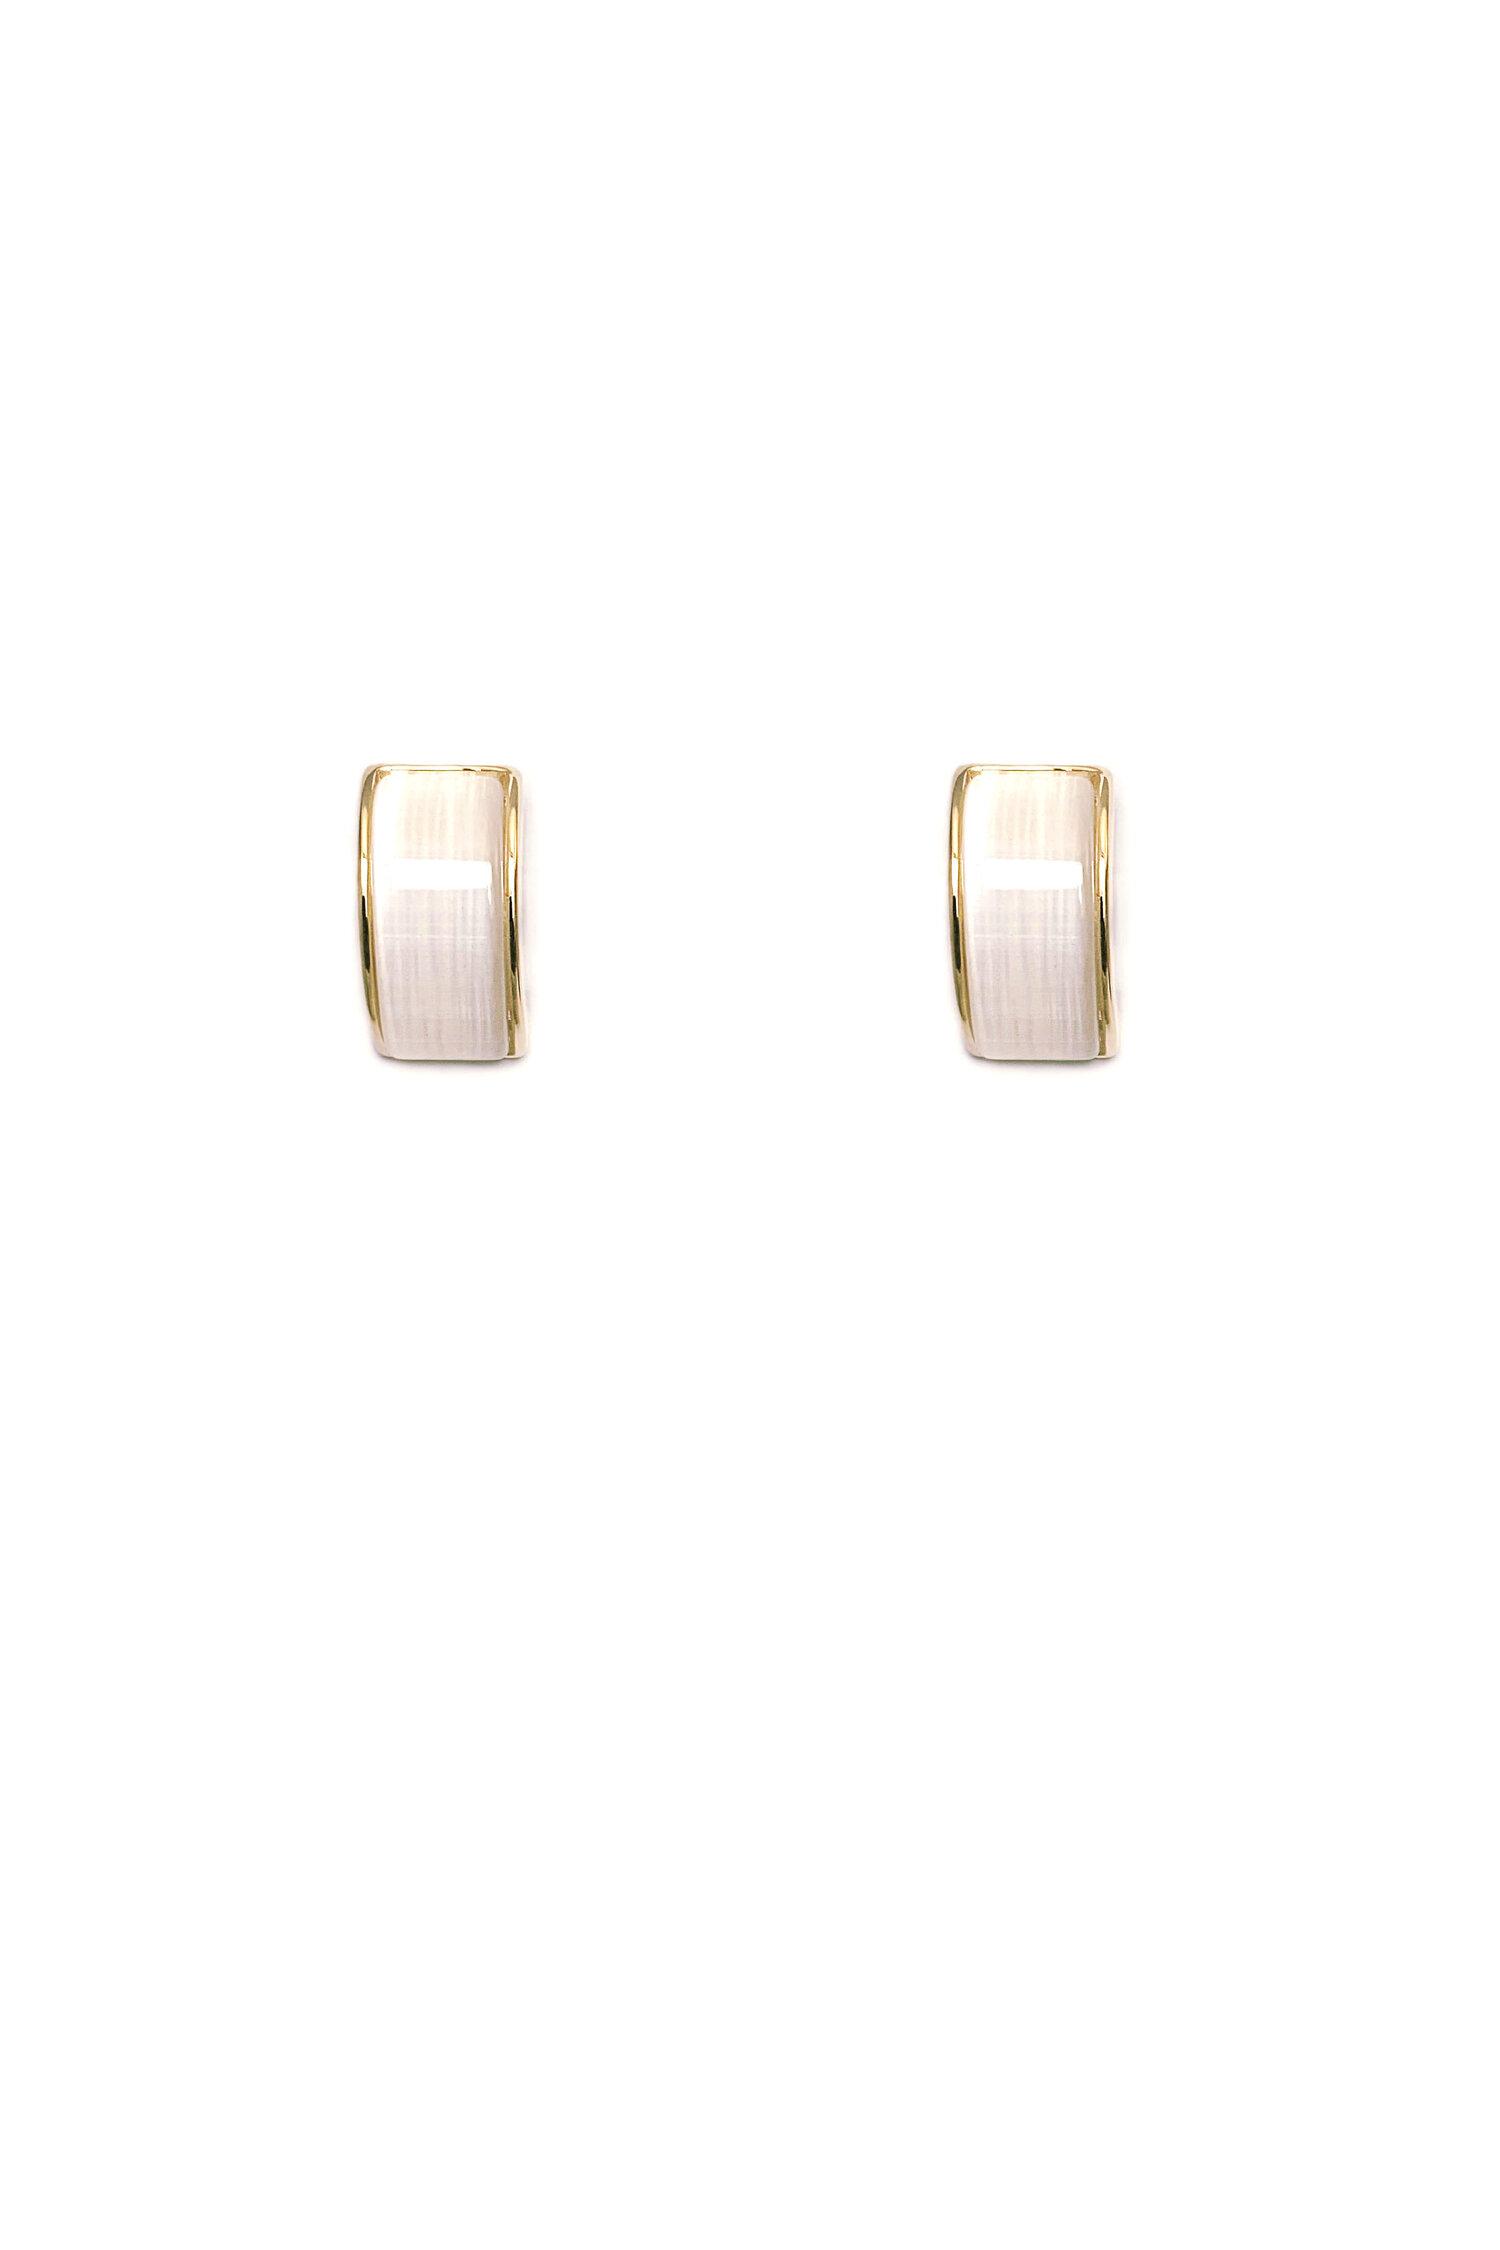 Earring_IsobellGold